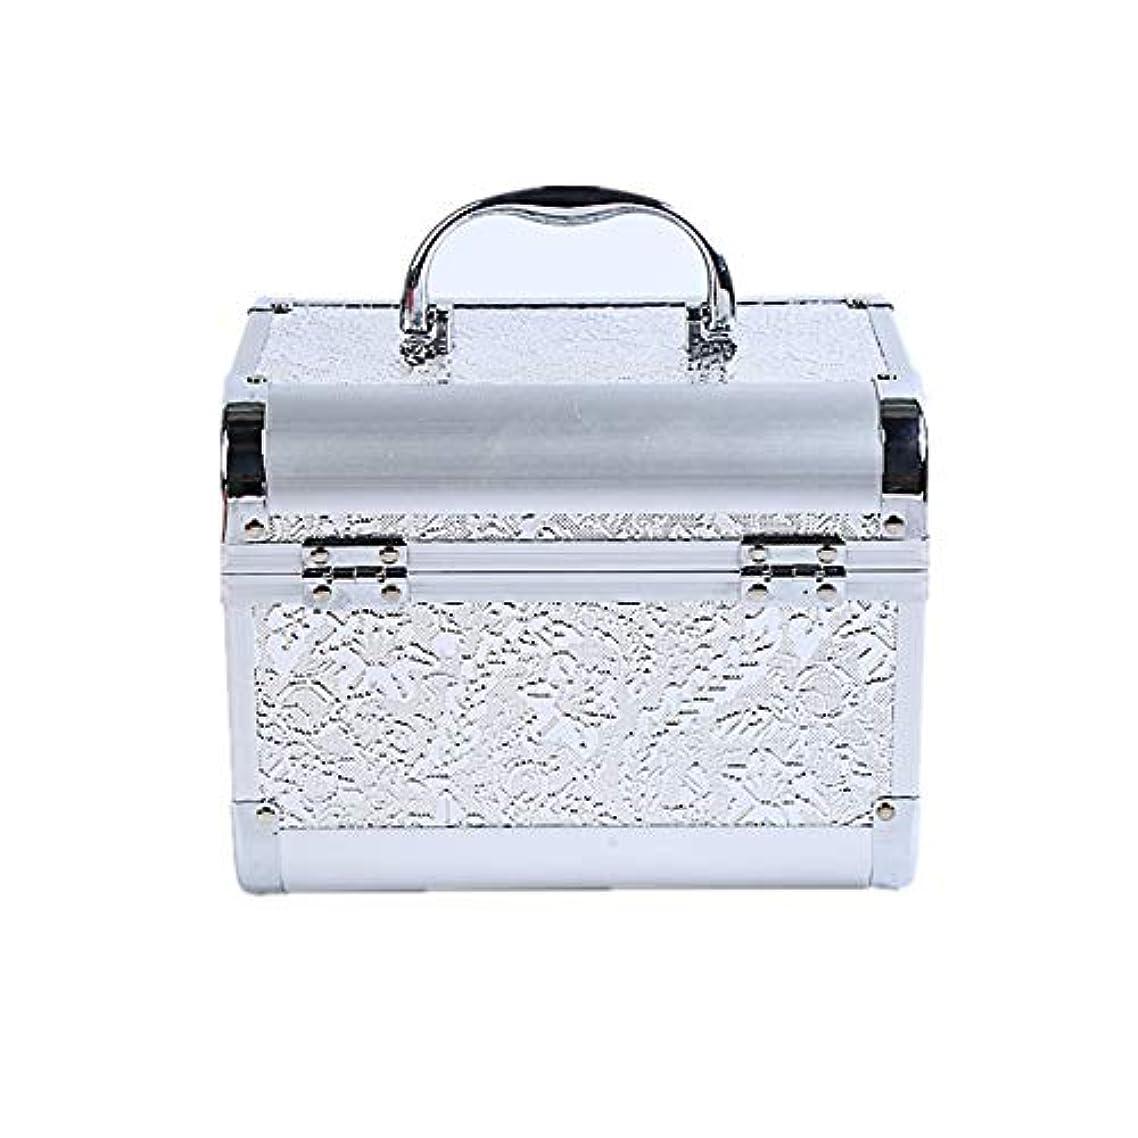 簡単などちらか砂化粧オーガナイザーバッグ コード化されたロックと化粧鏡で小さなものの種類の旅行のための美容メイクアップのための白い化粧ケース 化粧品ケース